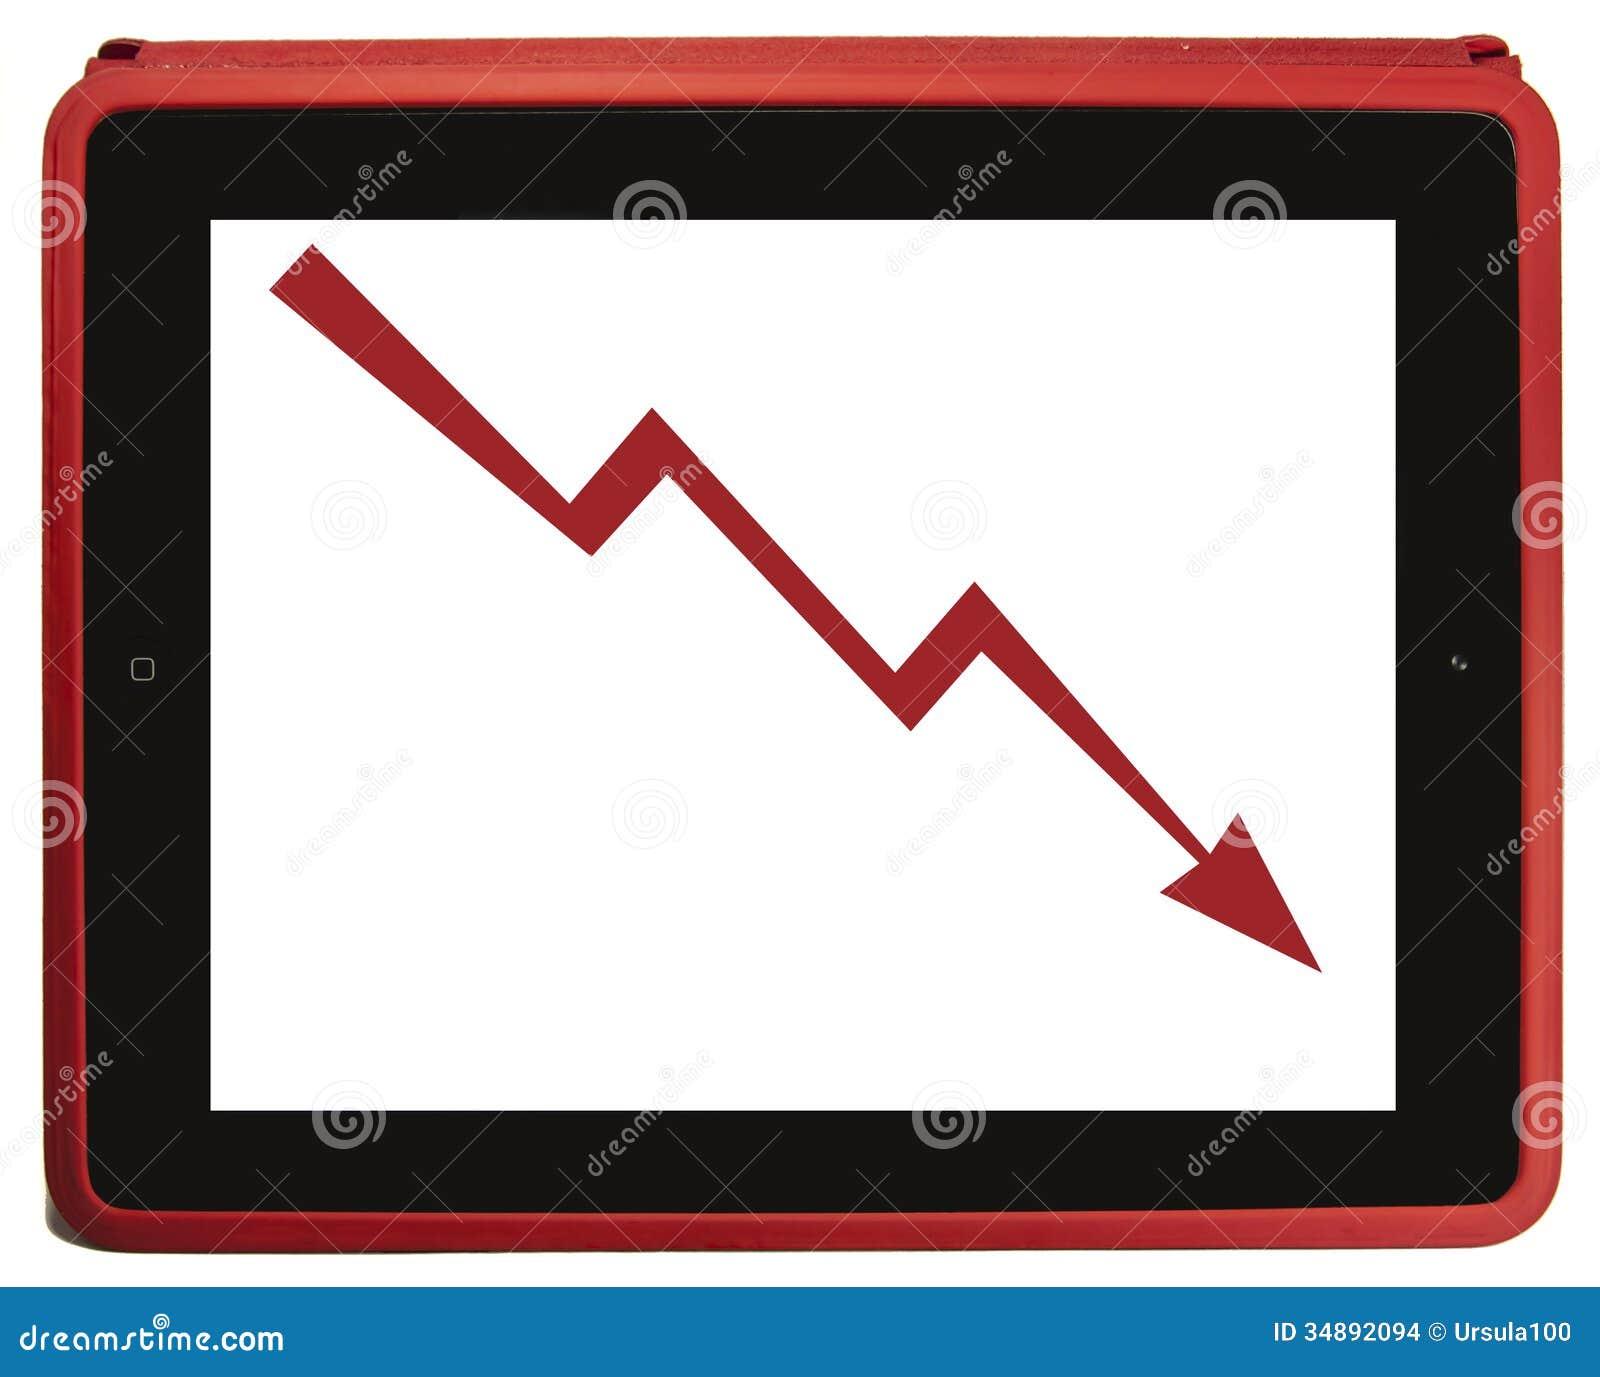 Decrease arrow in red tablet PCDecrease Arrow